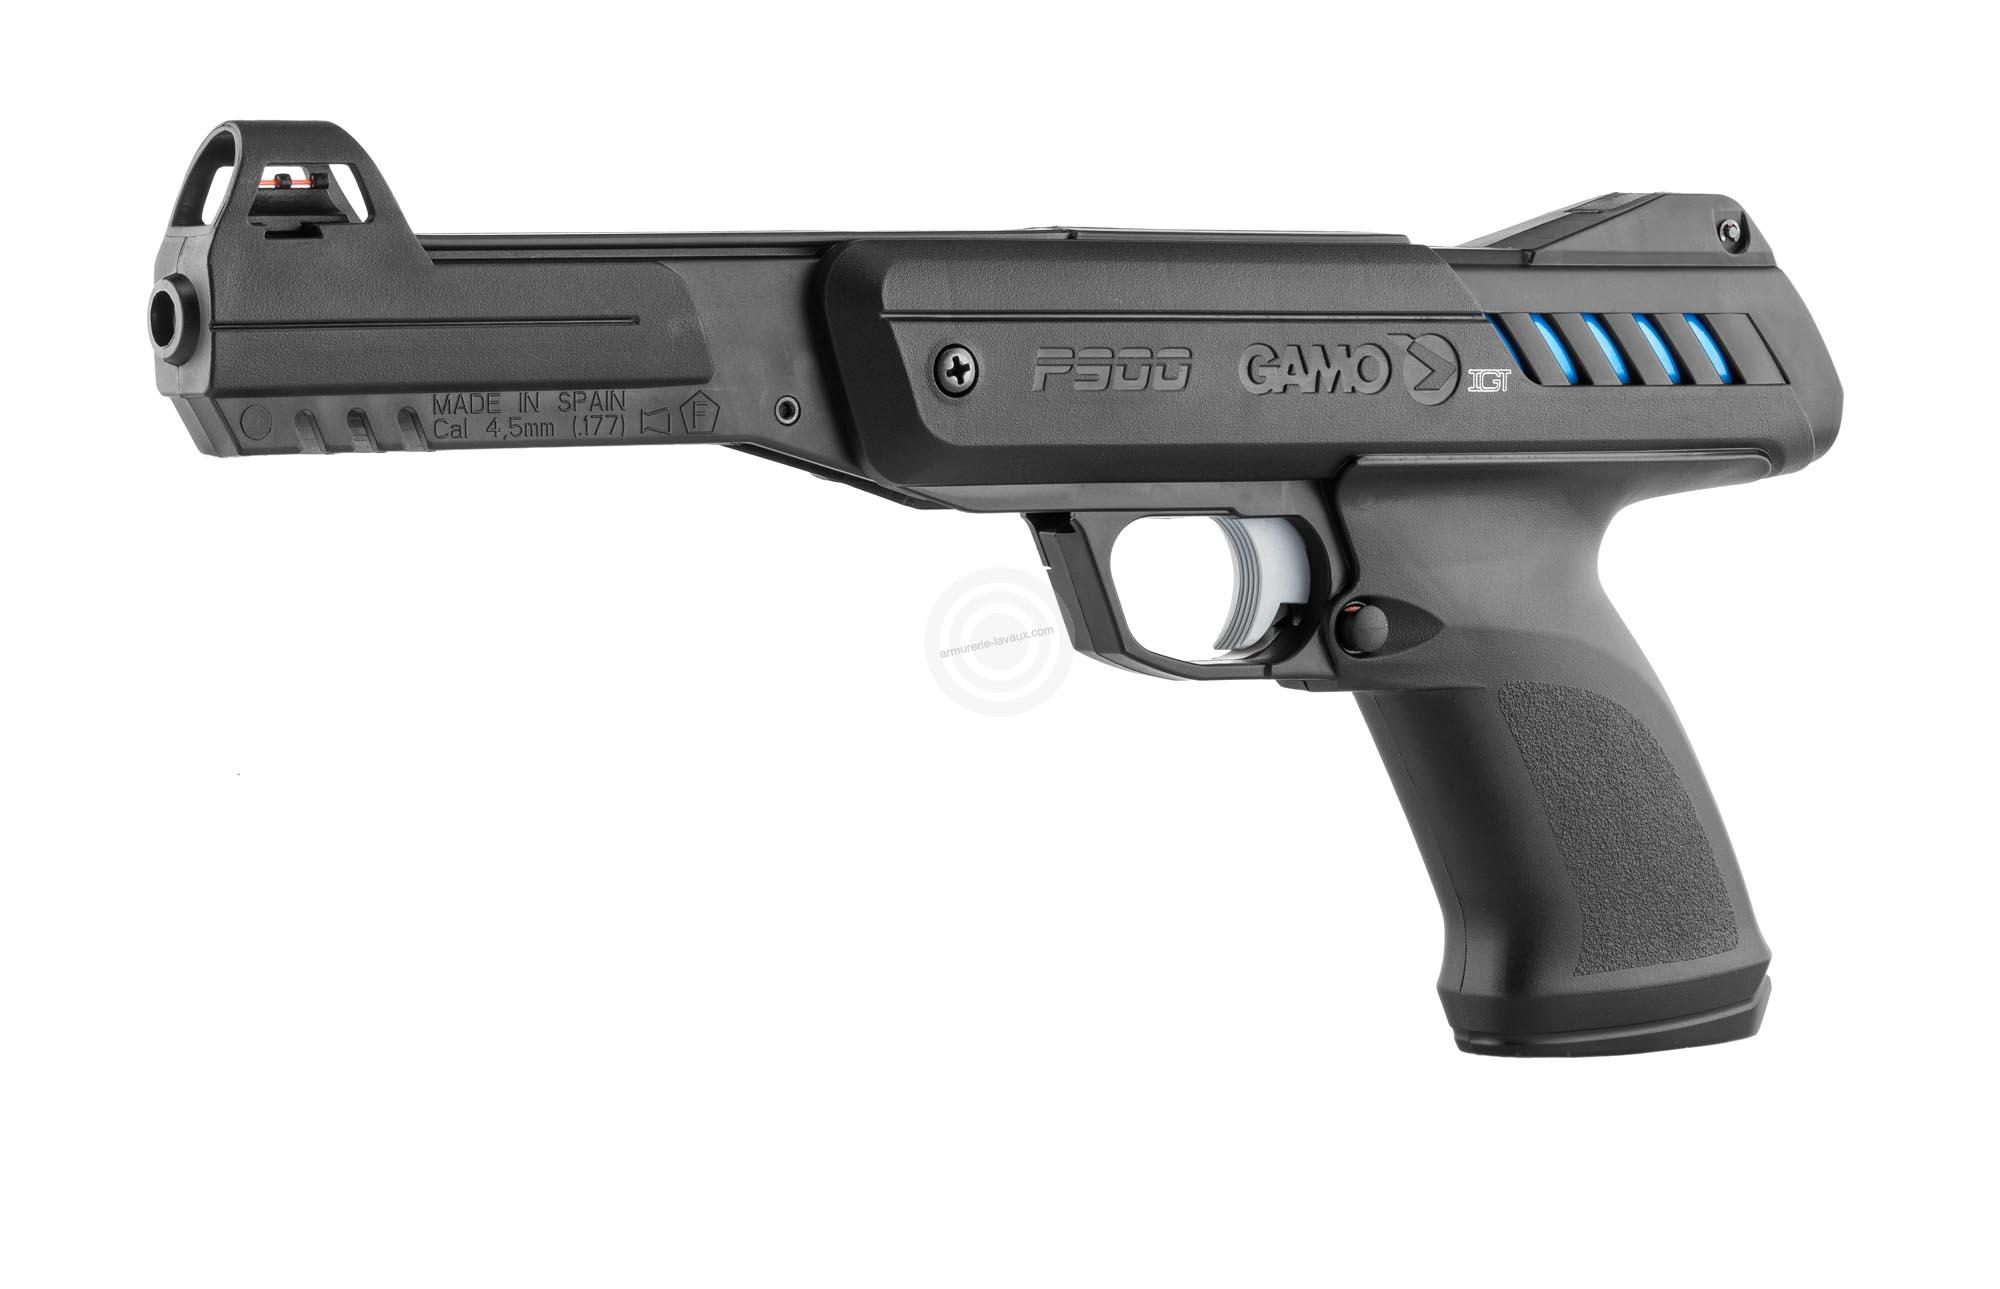 pistolet plombs gamo p 900 igt armes de loisirs sur armurerie lavaux. Black Bedroom Furniture Sets. Home Design Ideas